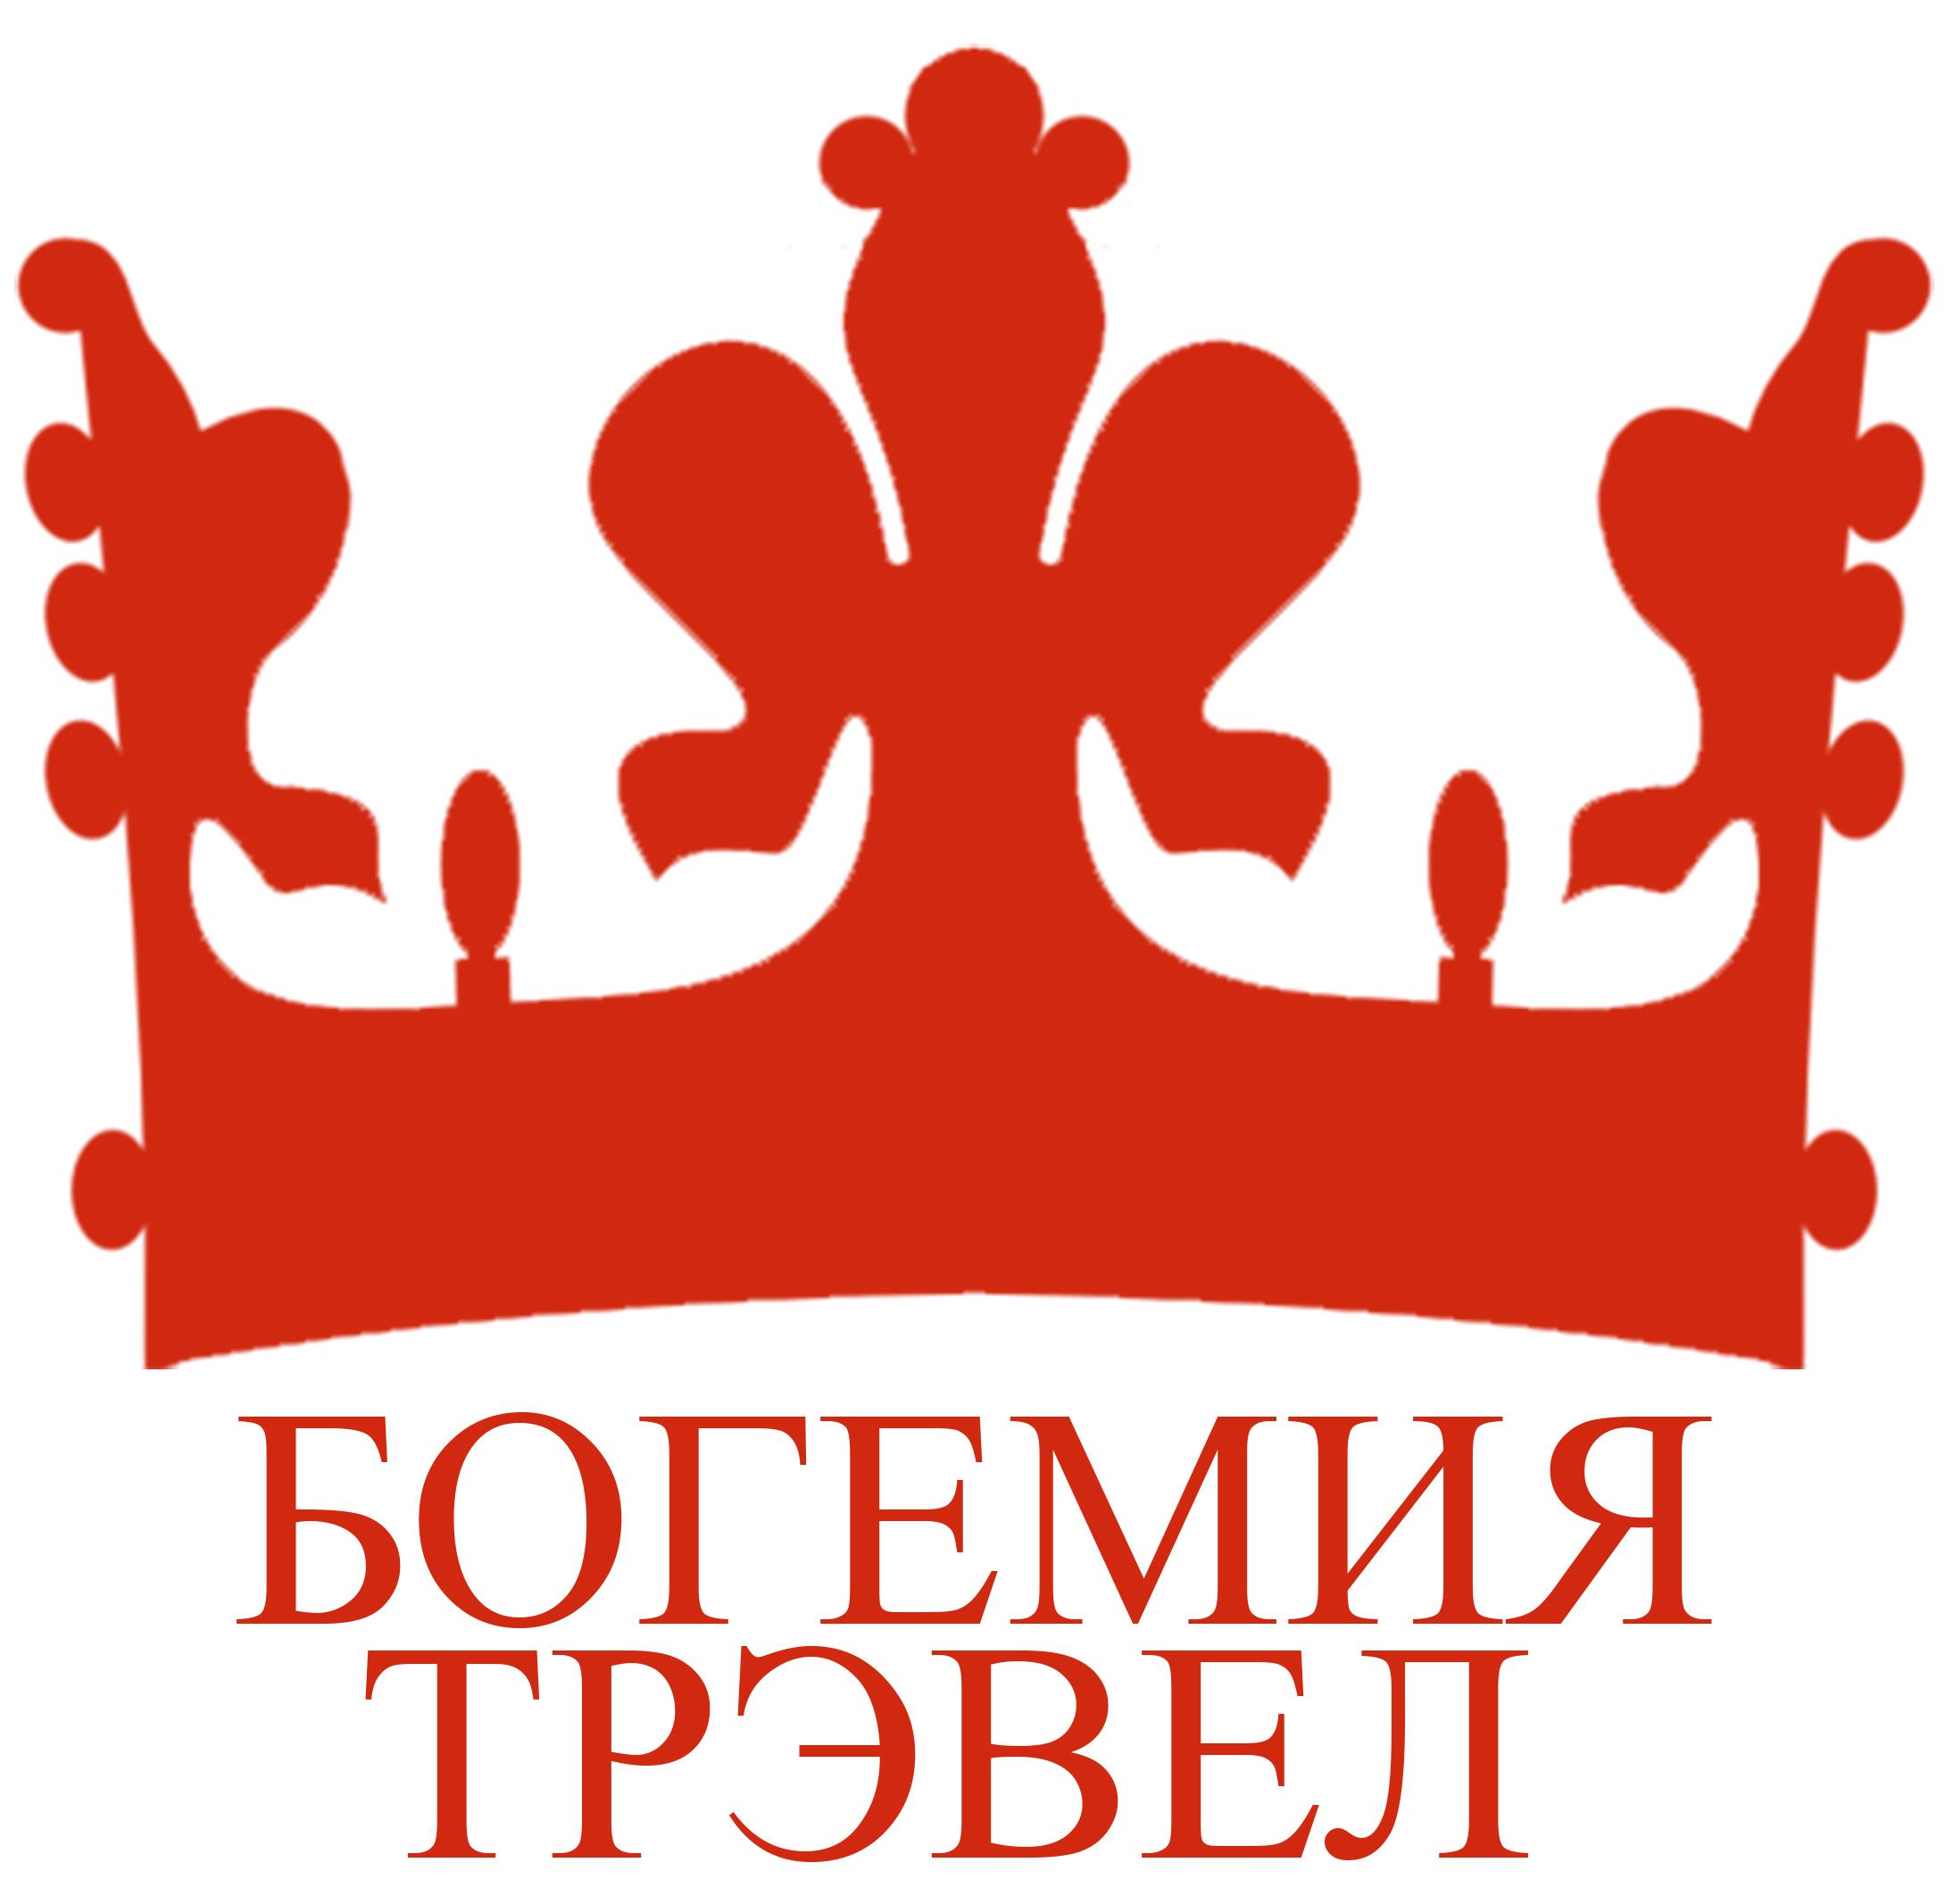 Тур в Польшу! Мальборк - Сопот - Гданьск от 187 руб.*/4 дня